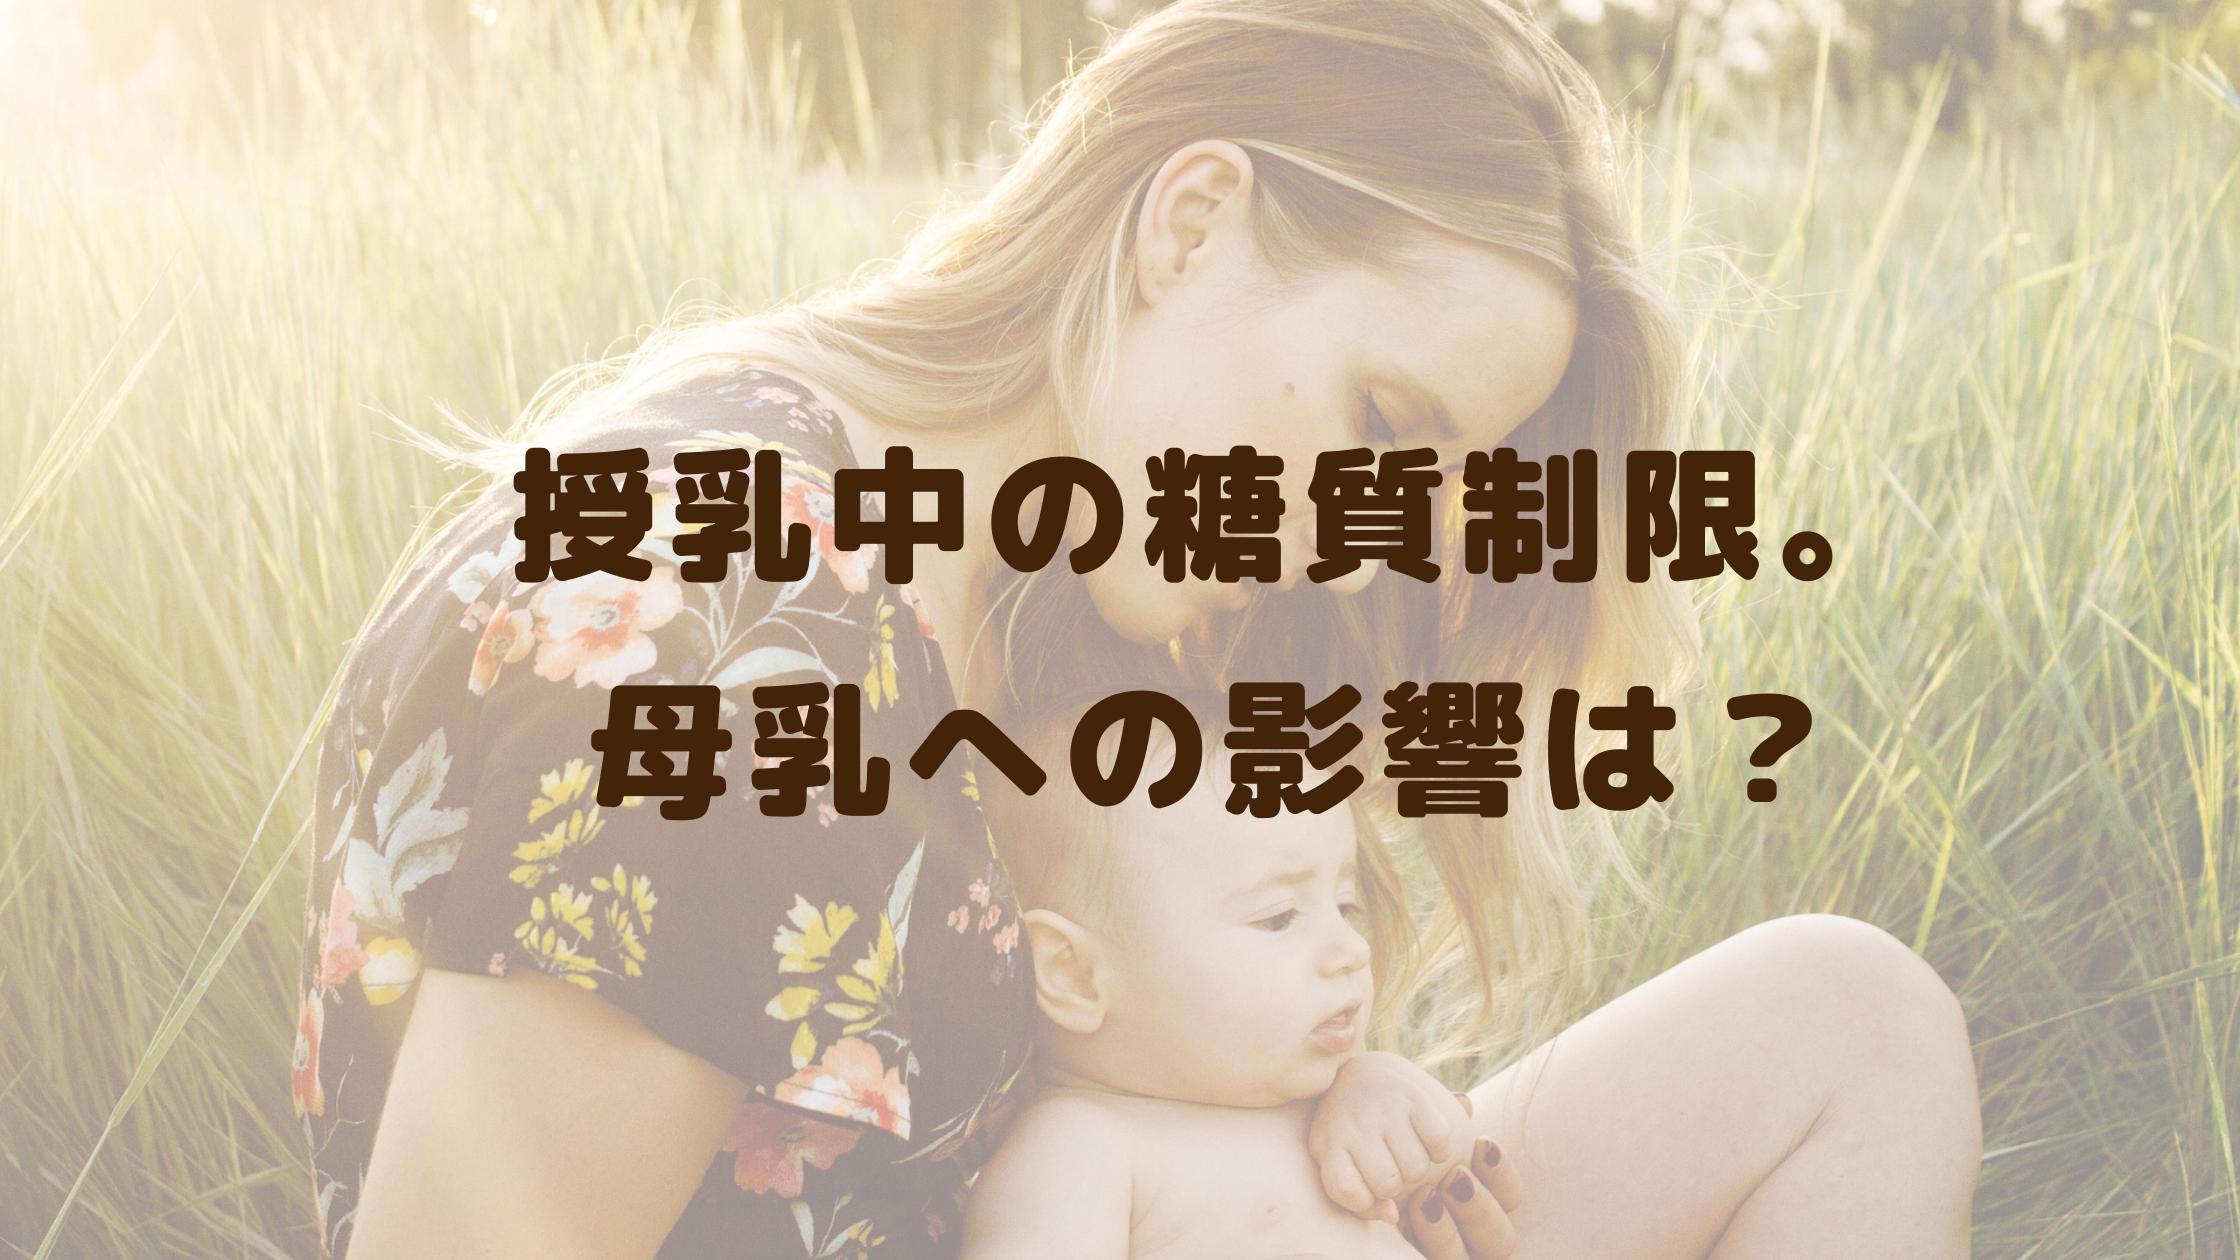 【経験談】授乳中の糖質制限。母乳への影響は?